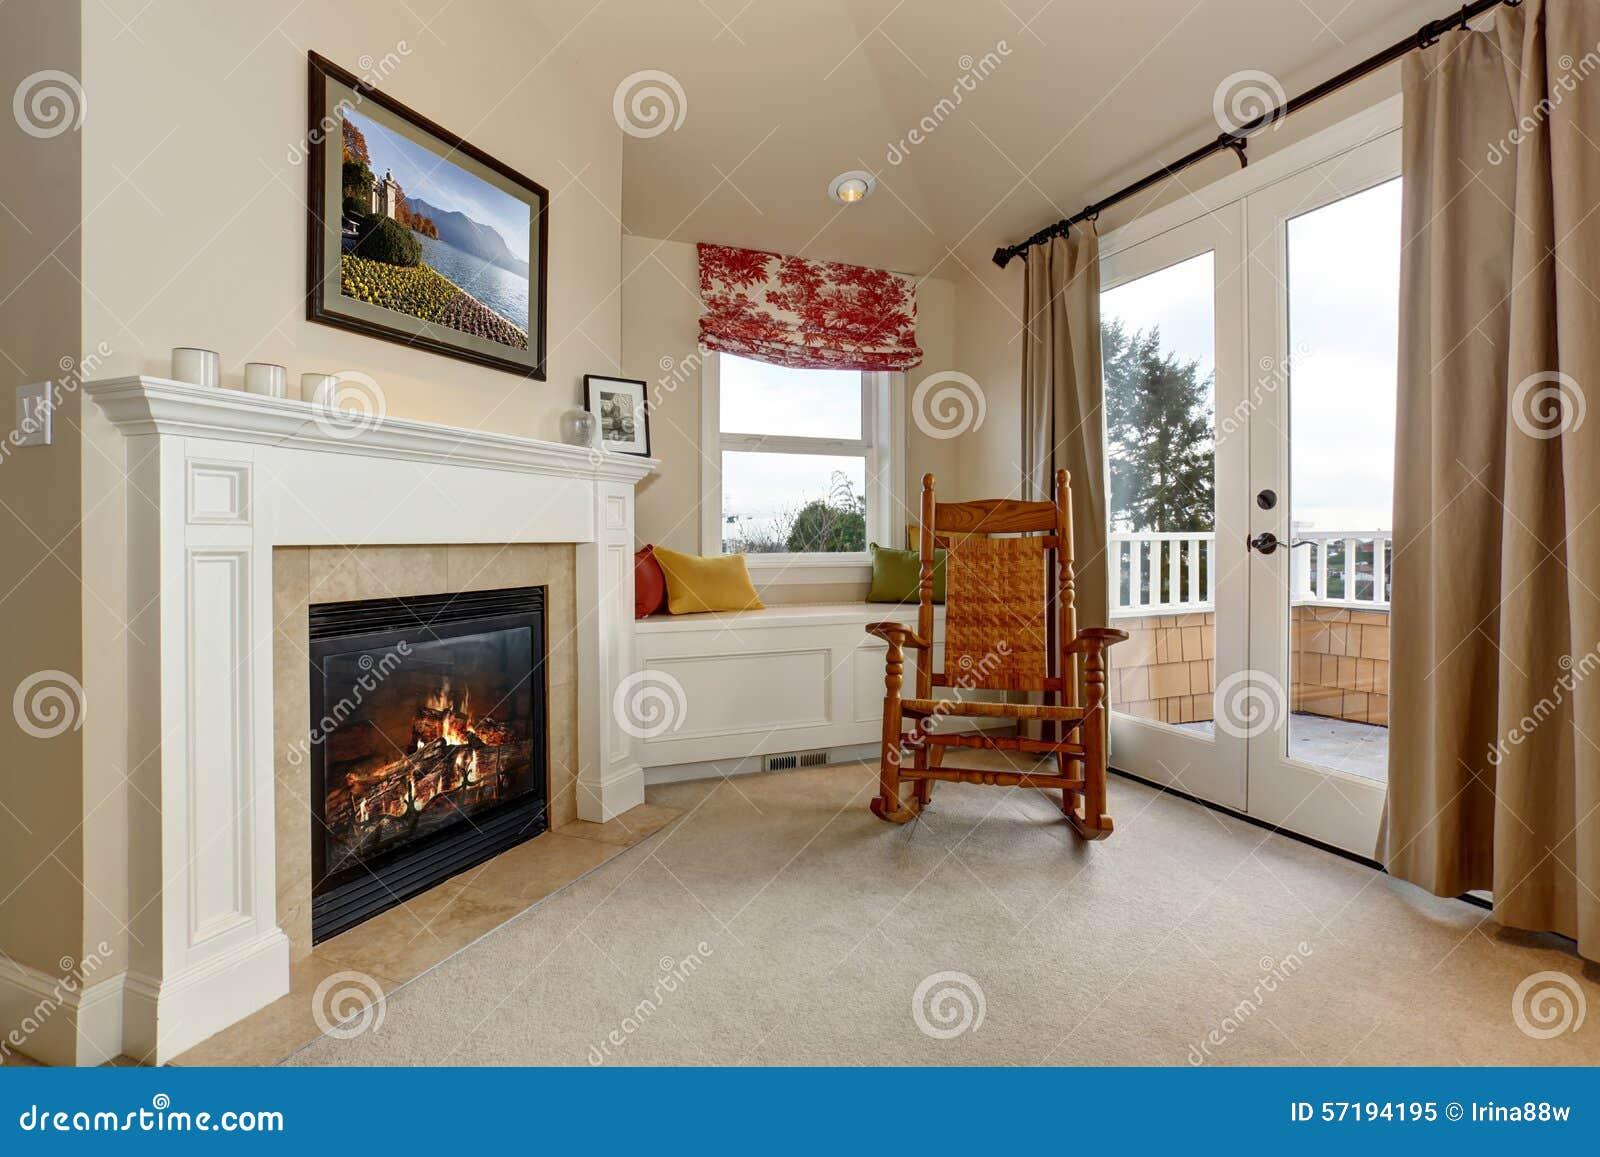 Slaapkamer Met Openhaard : Hoek van luxeslaapkamer met open haard stock afbeelding afbeelding